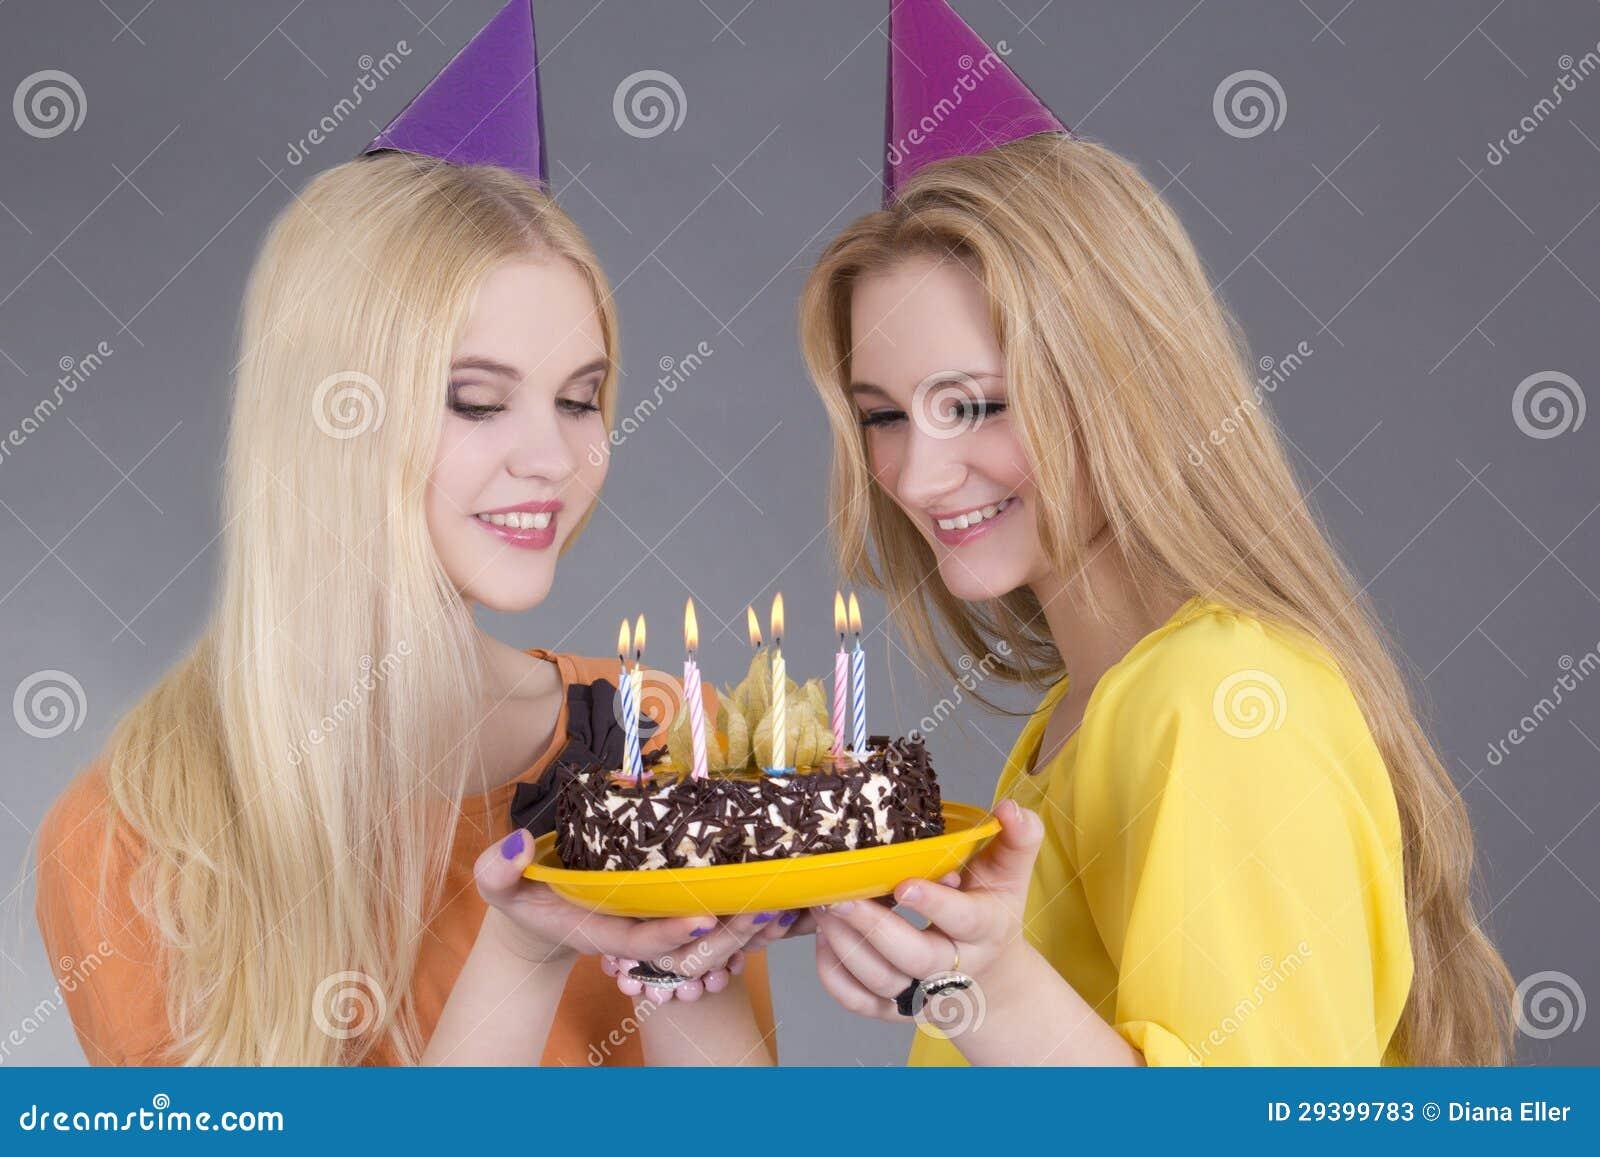 Beautiful Teenage Girls Birthday Cake Stock Images